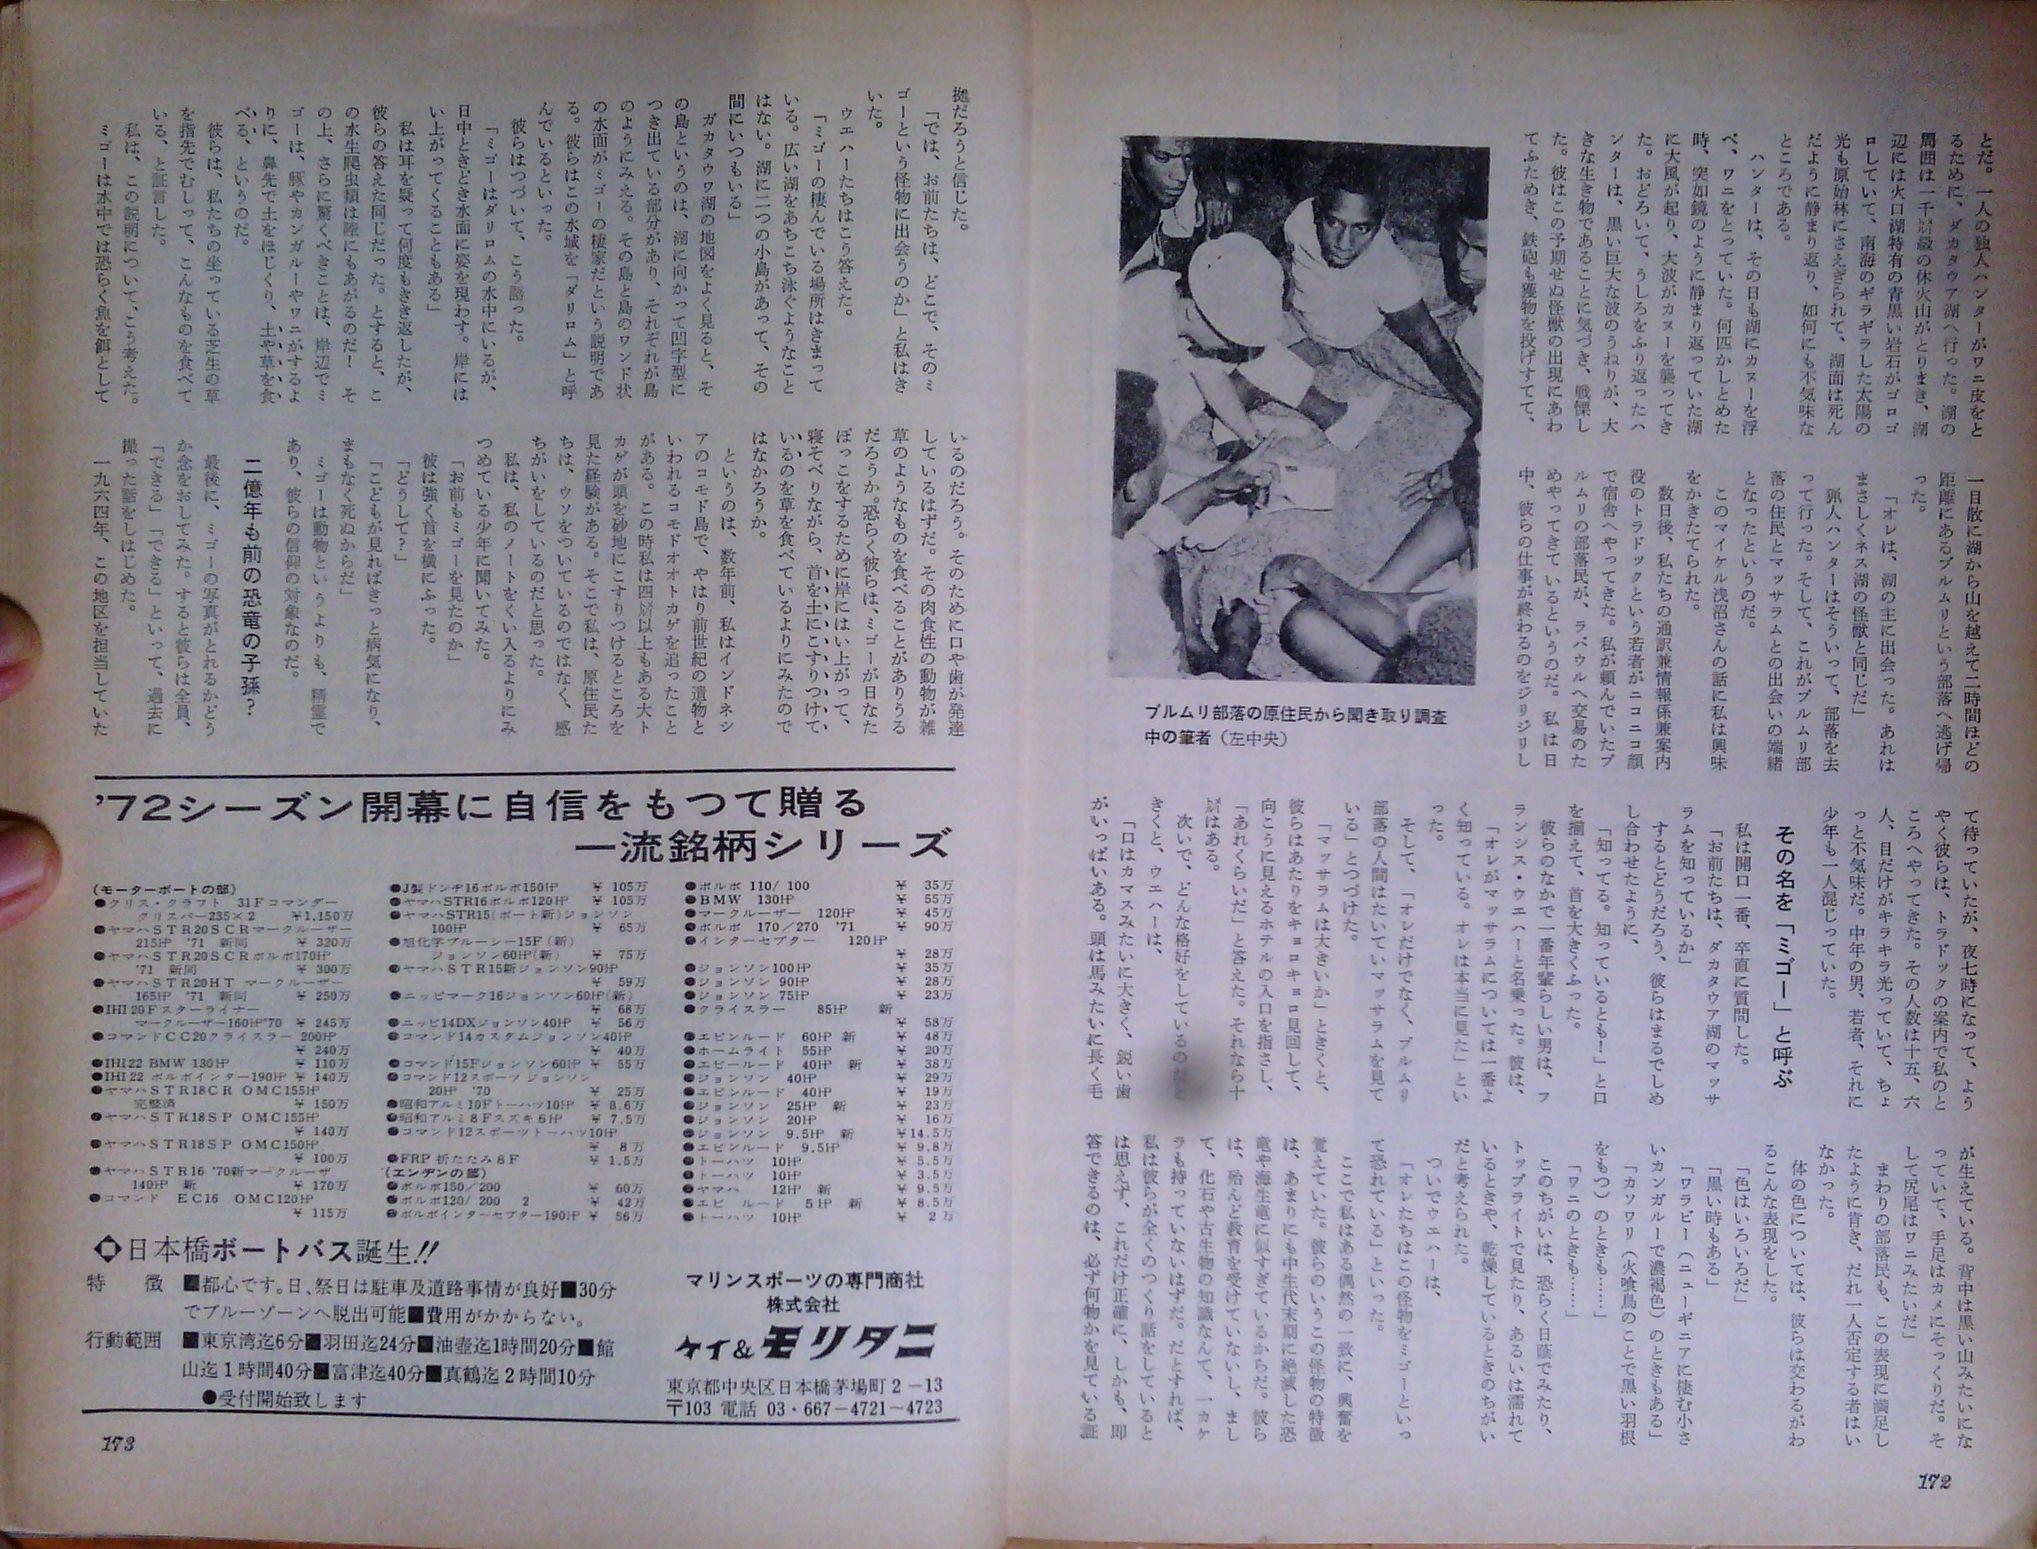 0327  ダイビングの歴史 59 海の世界 1972-04_b0075059_15214343.jpg